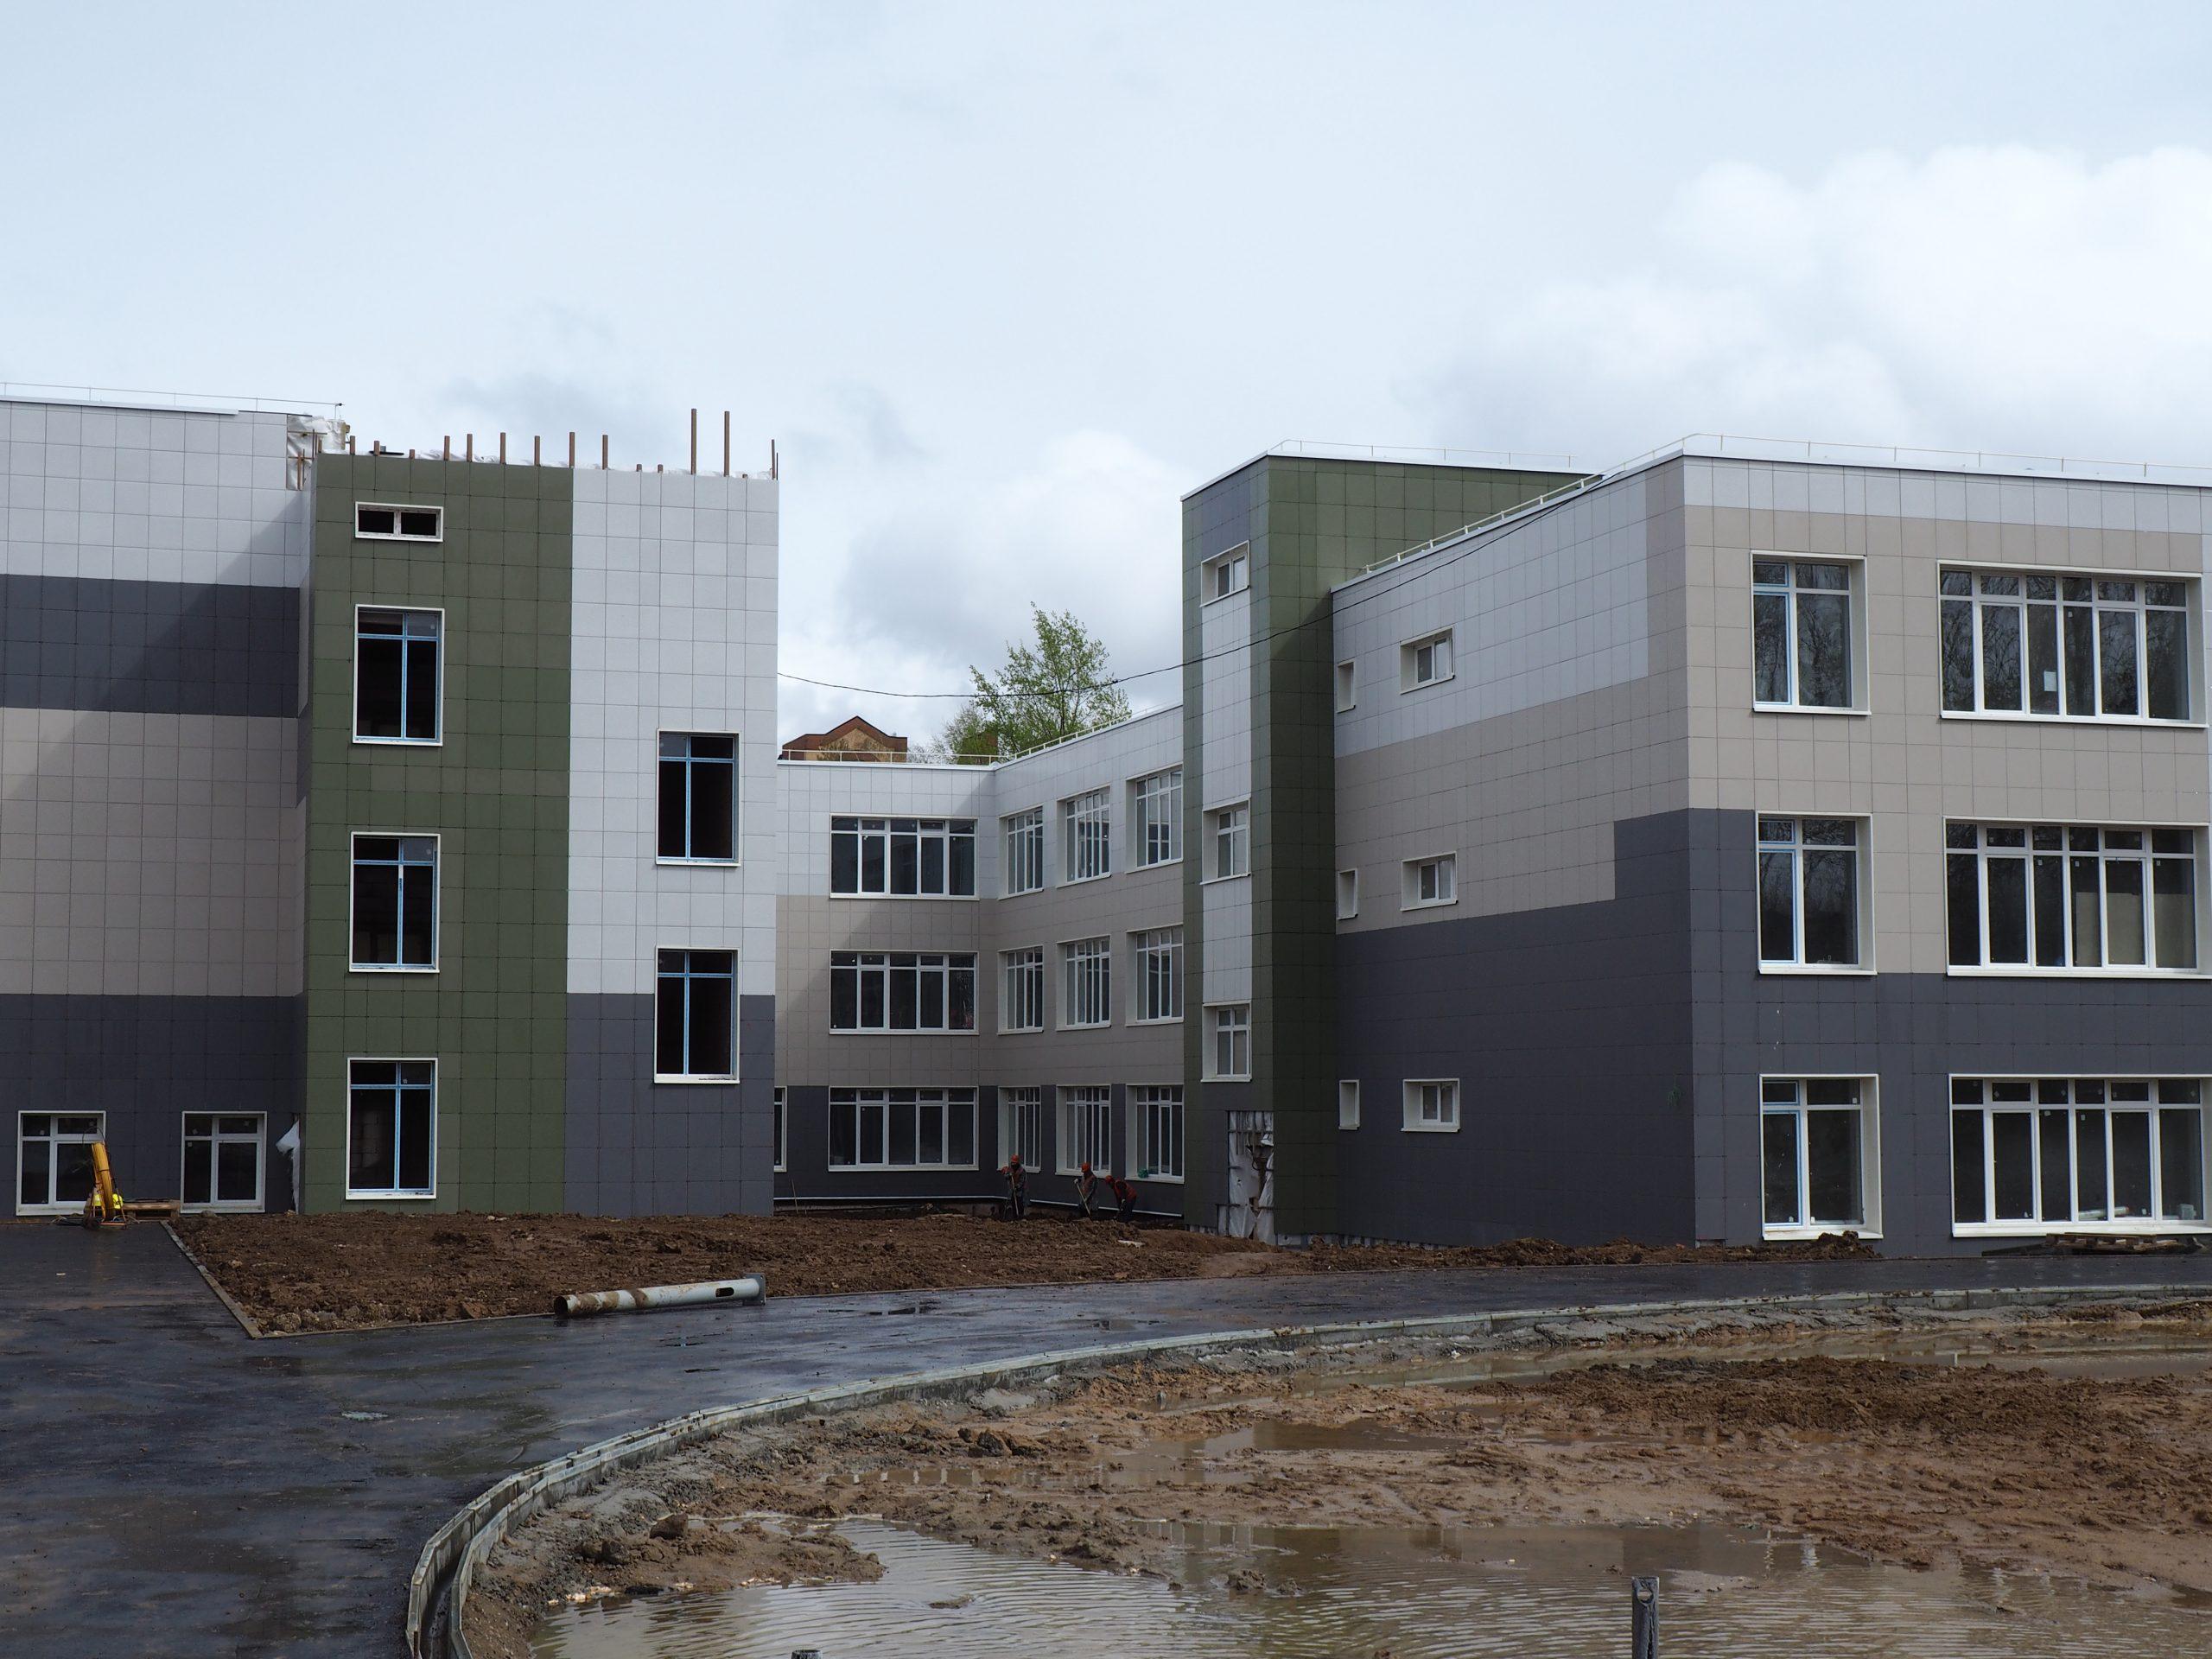 Строительство школьного корпуса вышло на финишную прямую